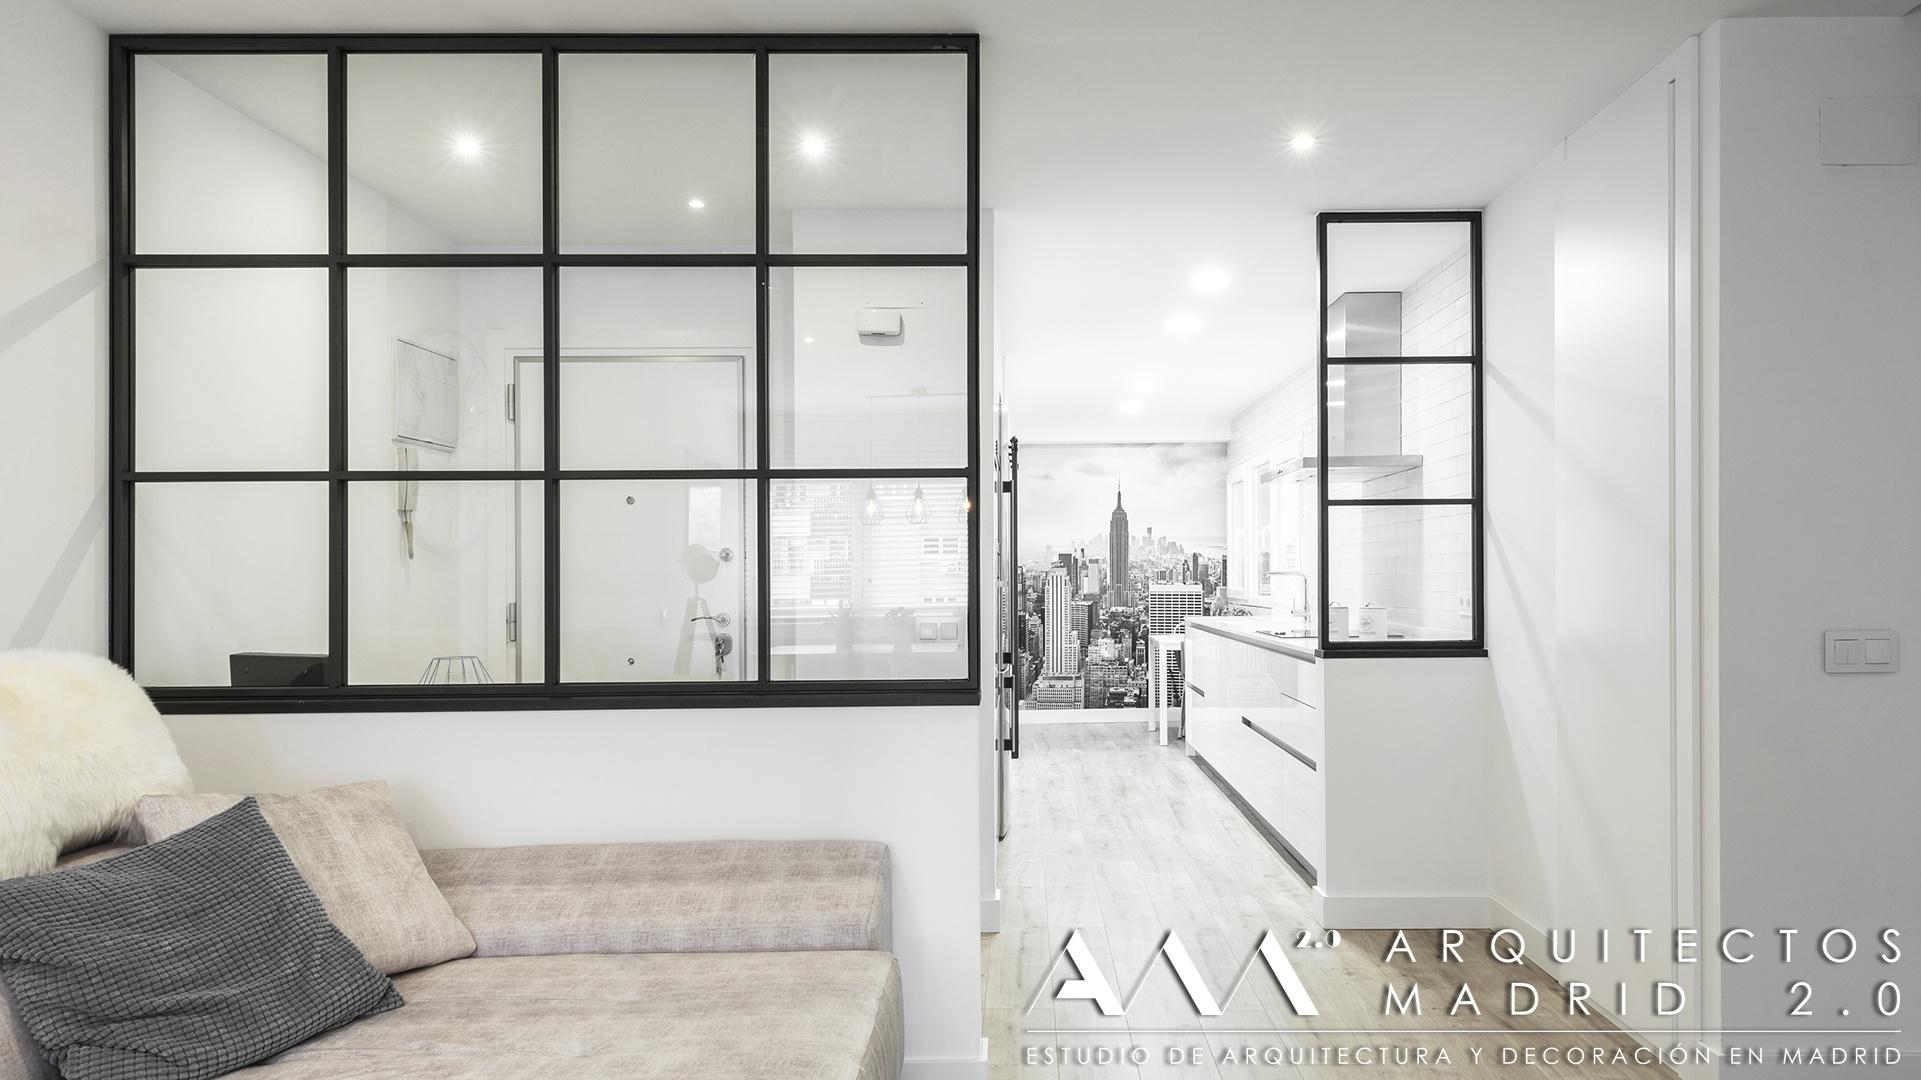 ideas-proyectos-reformas-casas-pisos-apartamentos-lofts-arquitectos-madrid-34